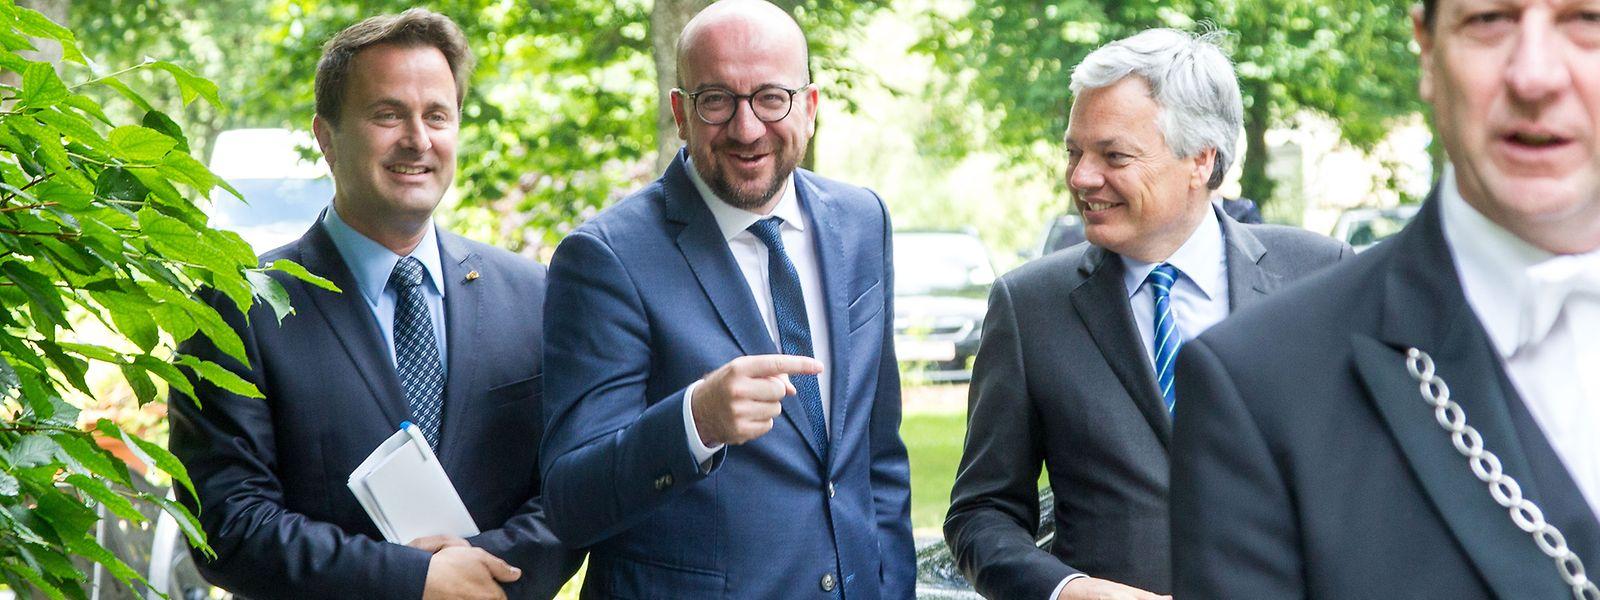 La dernière réunion intergouvernementale belgo-luxembourgeoise avait eu lieu en 2016. Mais cette fois Xavier Bettel rencontrera un autre Premier ministre que son ami, Charles Michel.